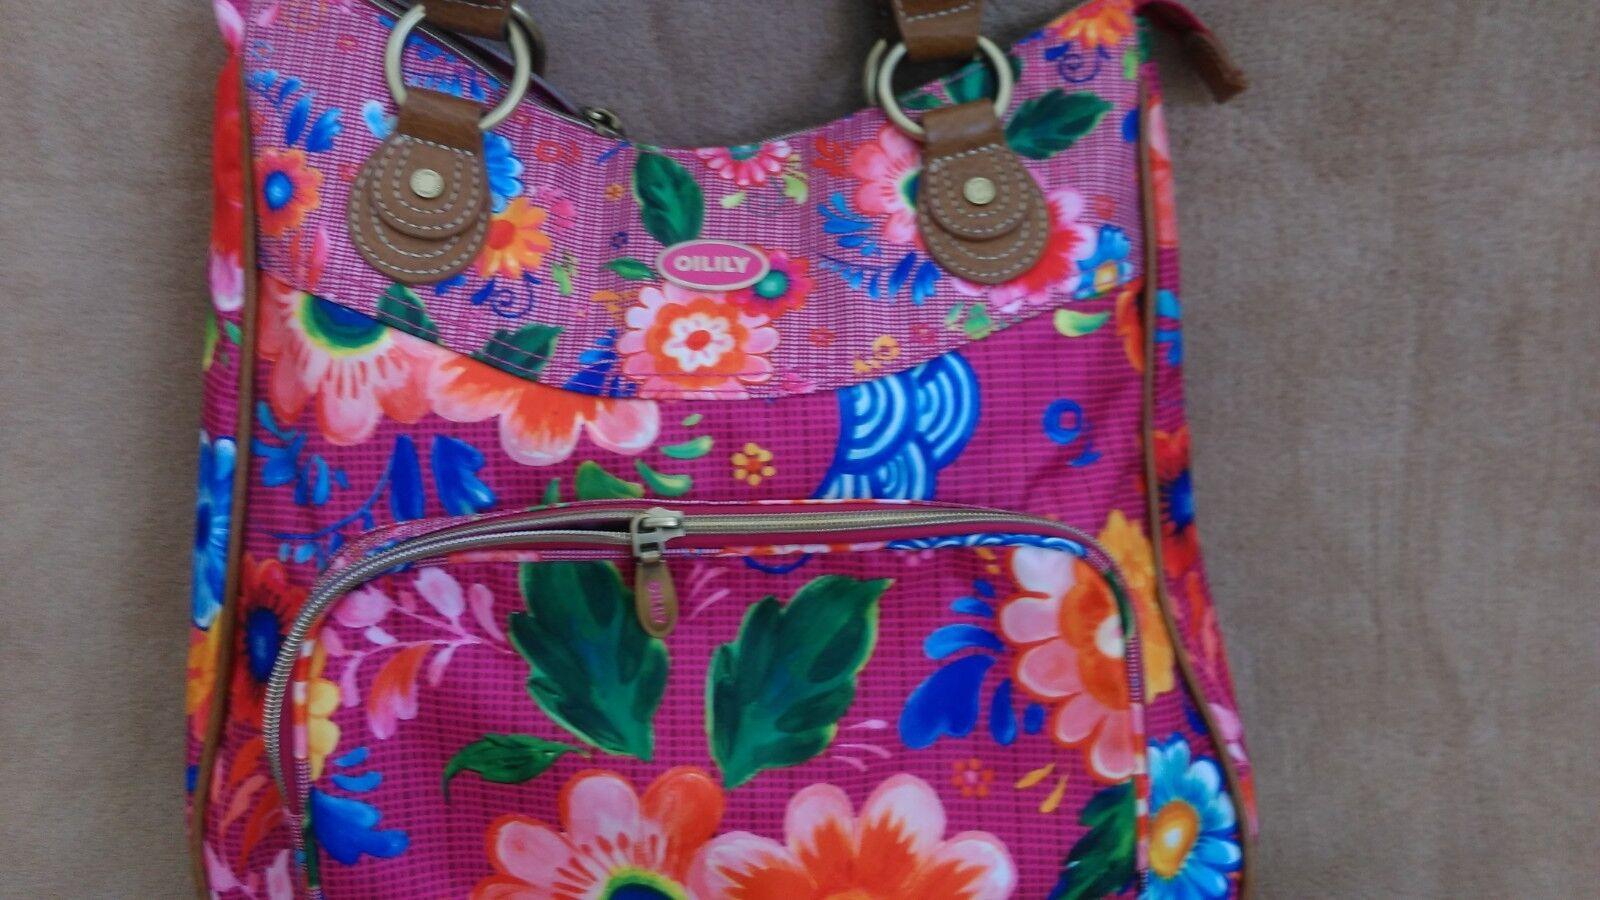 Damentasche,Oilily Henkeltasche,extravaganter Stil,gebraucht Stil,gebraucht Stil,gebraucht wie neu,34x34cm | Produktqualität  faa3c5